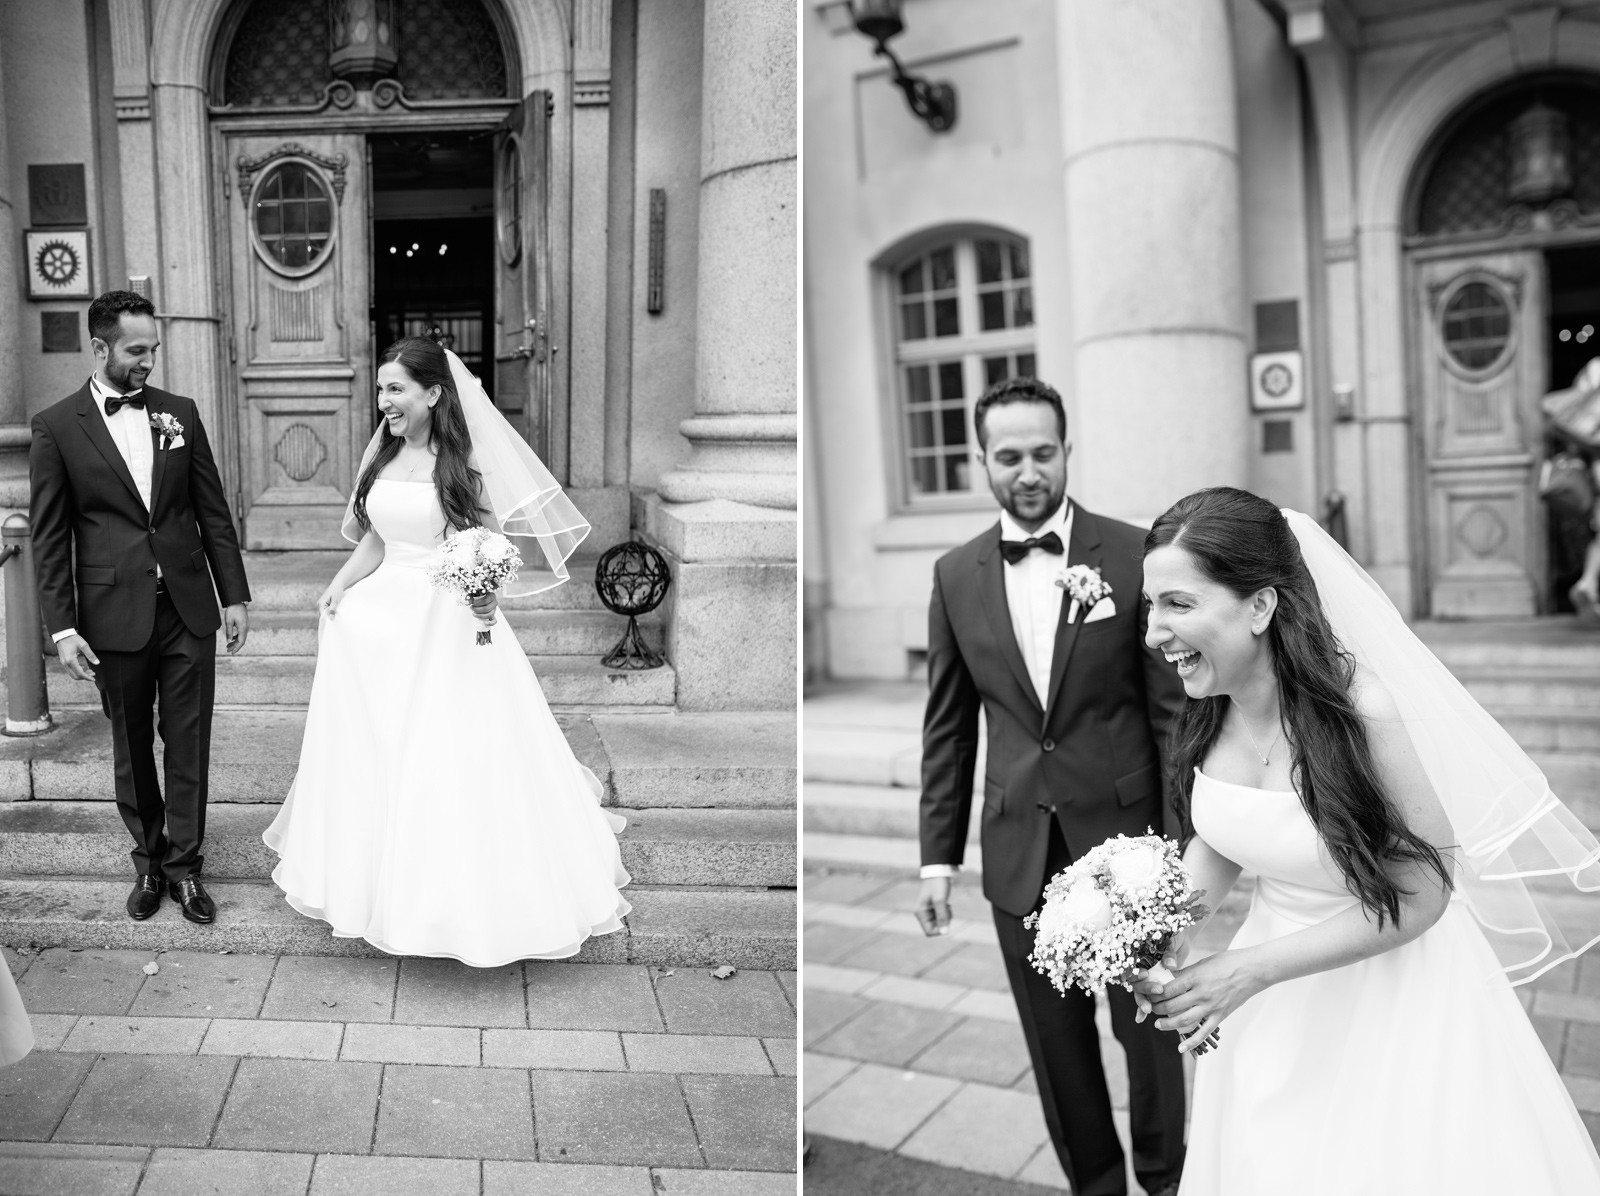 Roligt bröllop landskrona